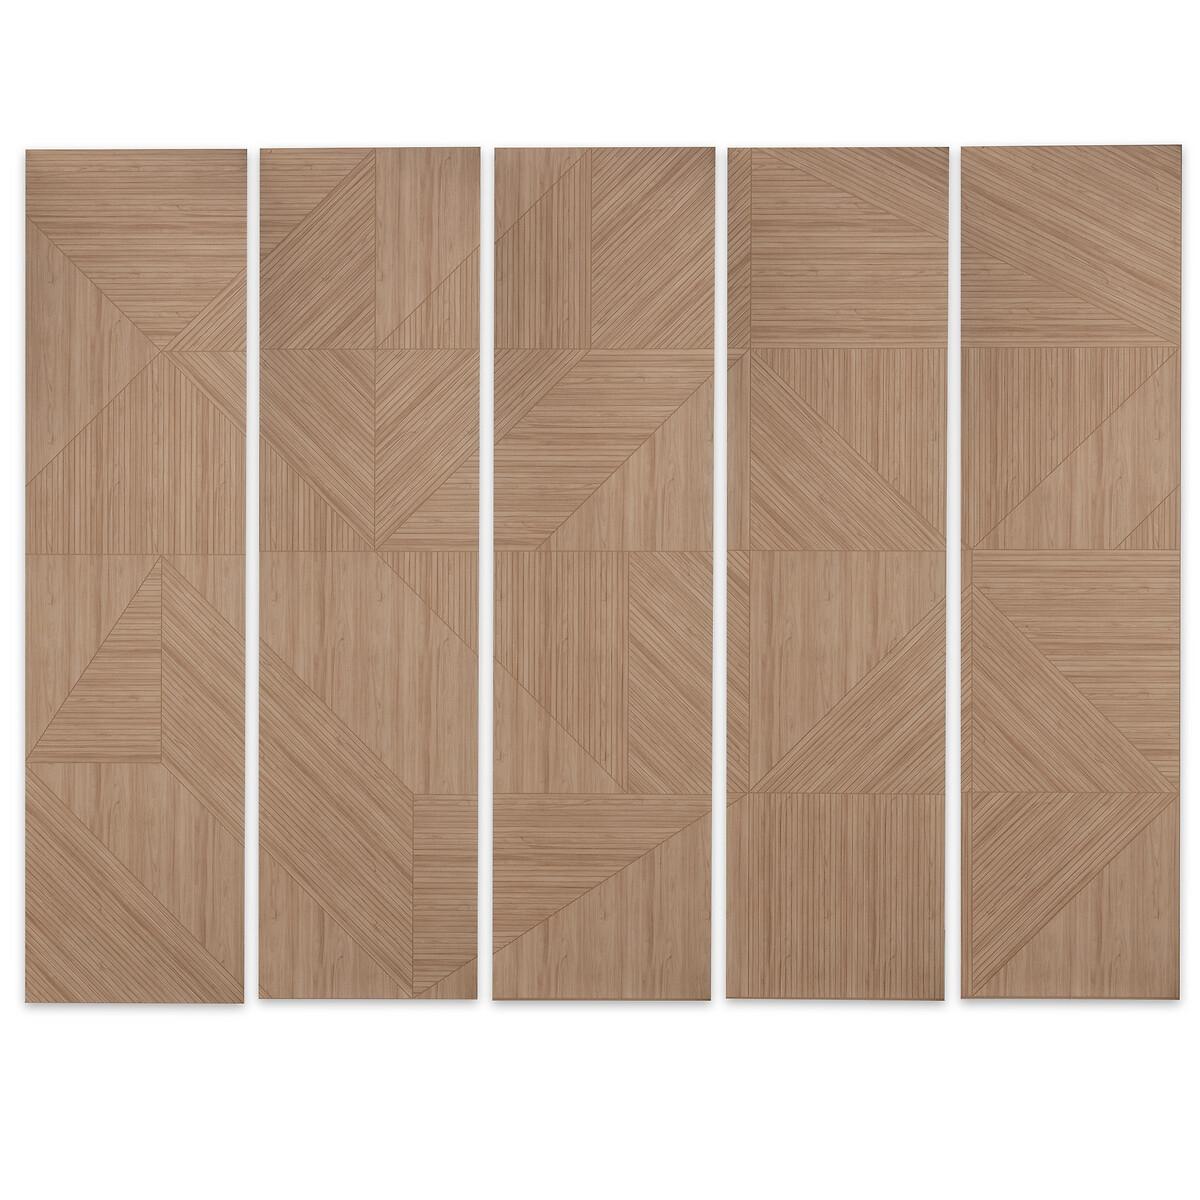 AM.PM - Am.pm Papel de parede com motivo panorâmico, 3,5 m, Marquetterie